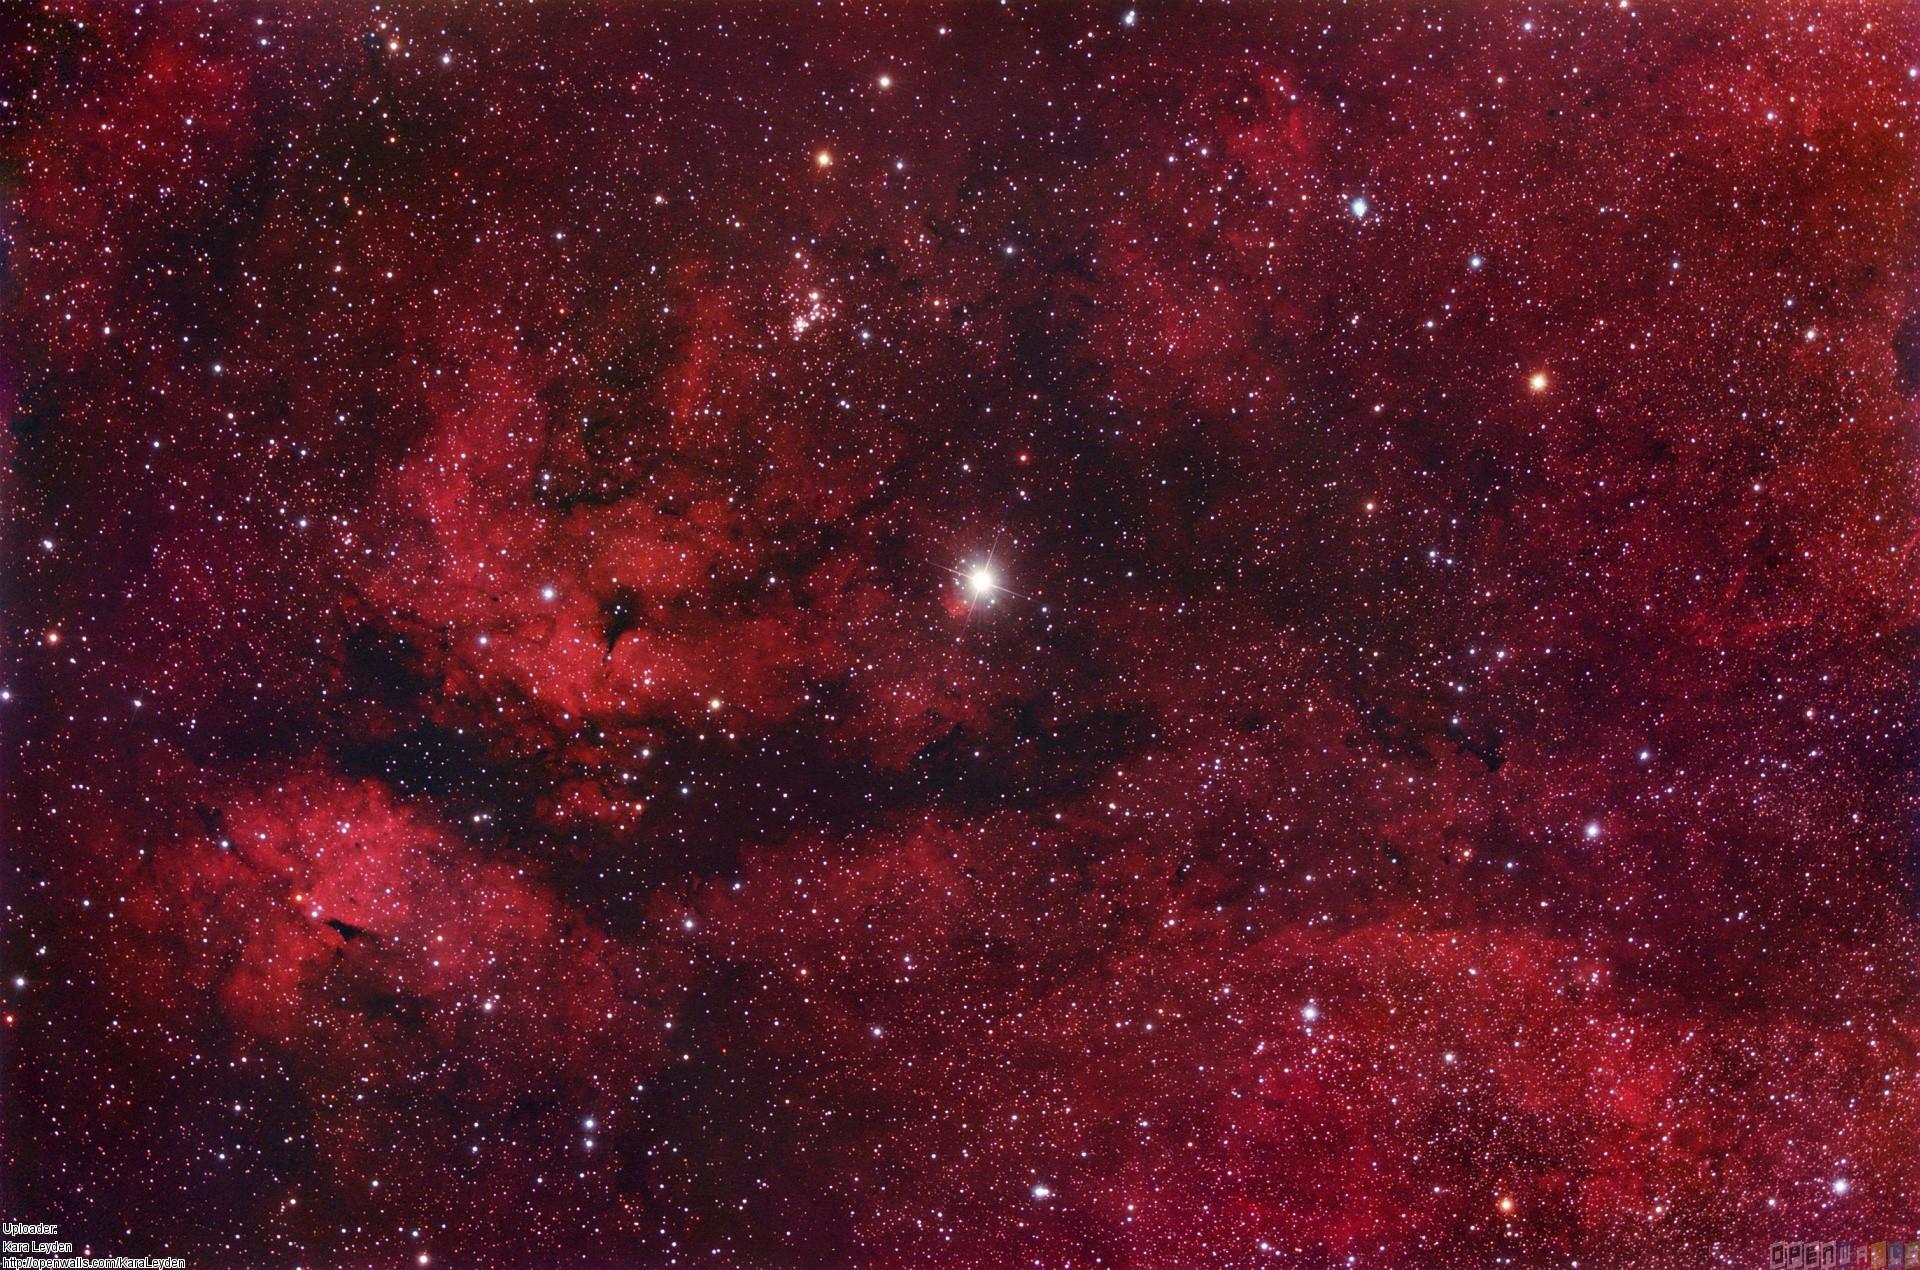 Red Space Wallpaper - WallpaperSafari